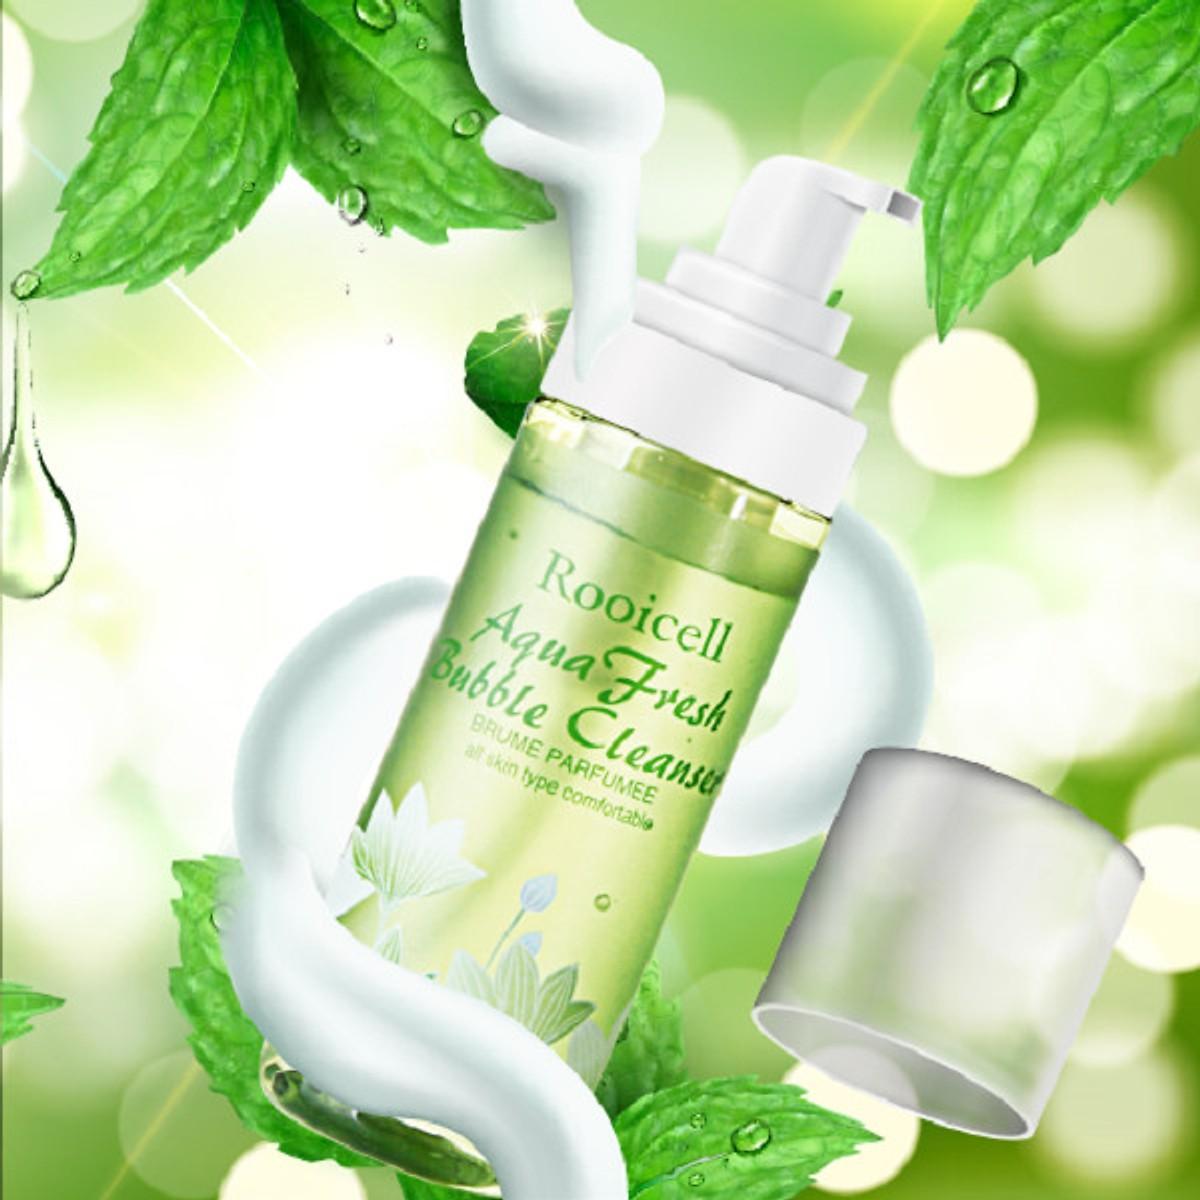 Sữa rửa mặt Rooicell Aqua Fresh Bubble Cleanser cao cấp